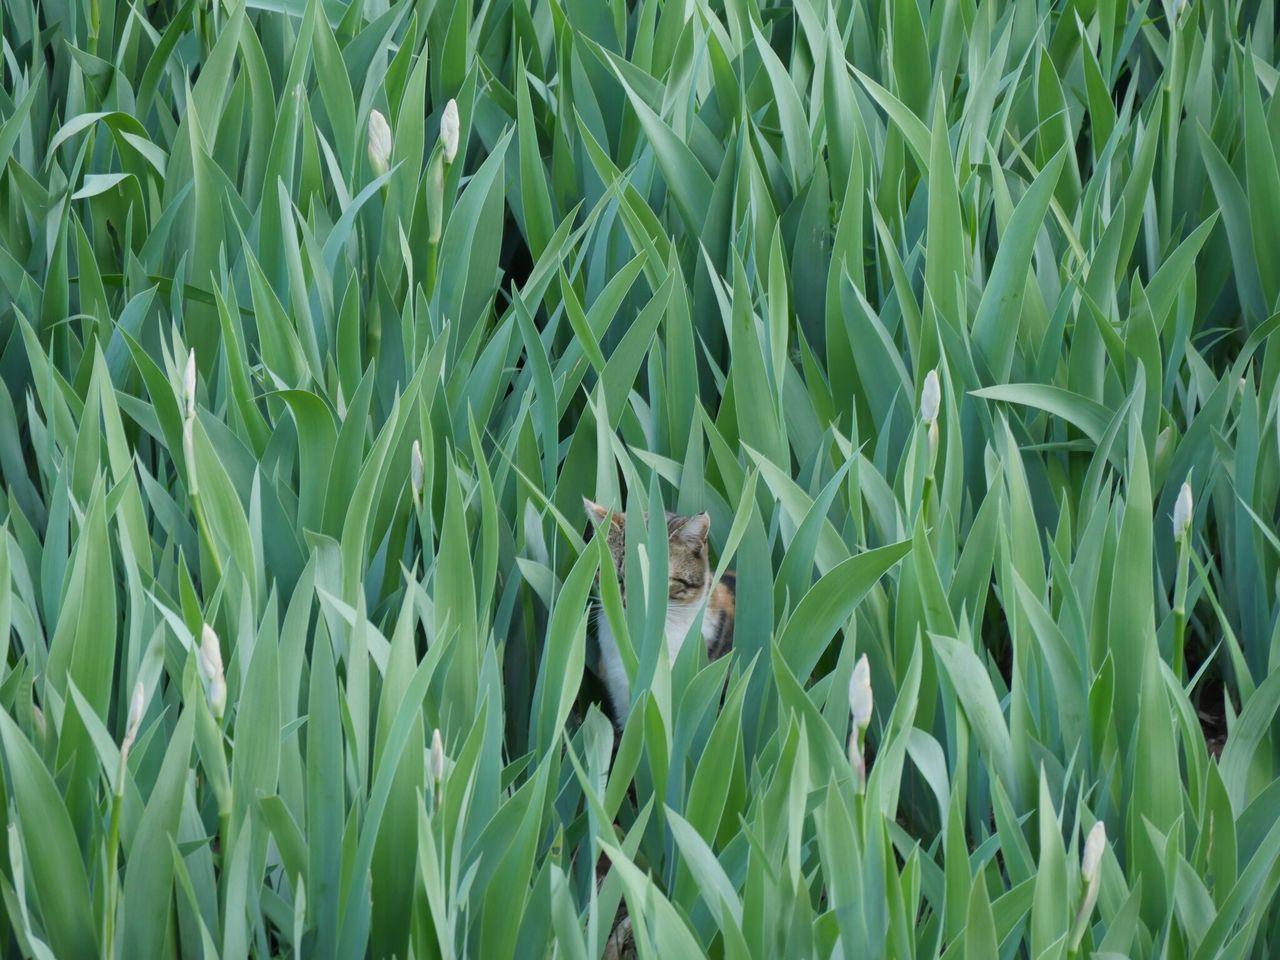 Crops Growing In Field